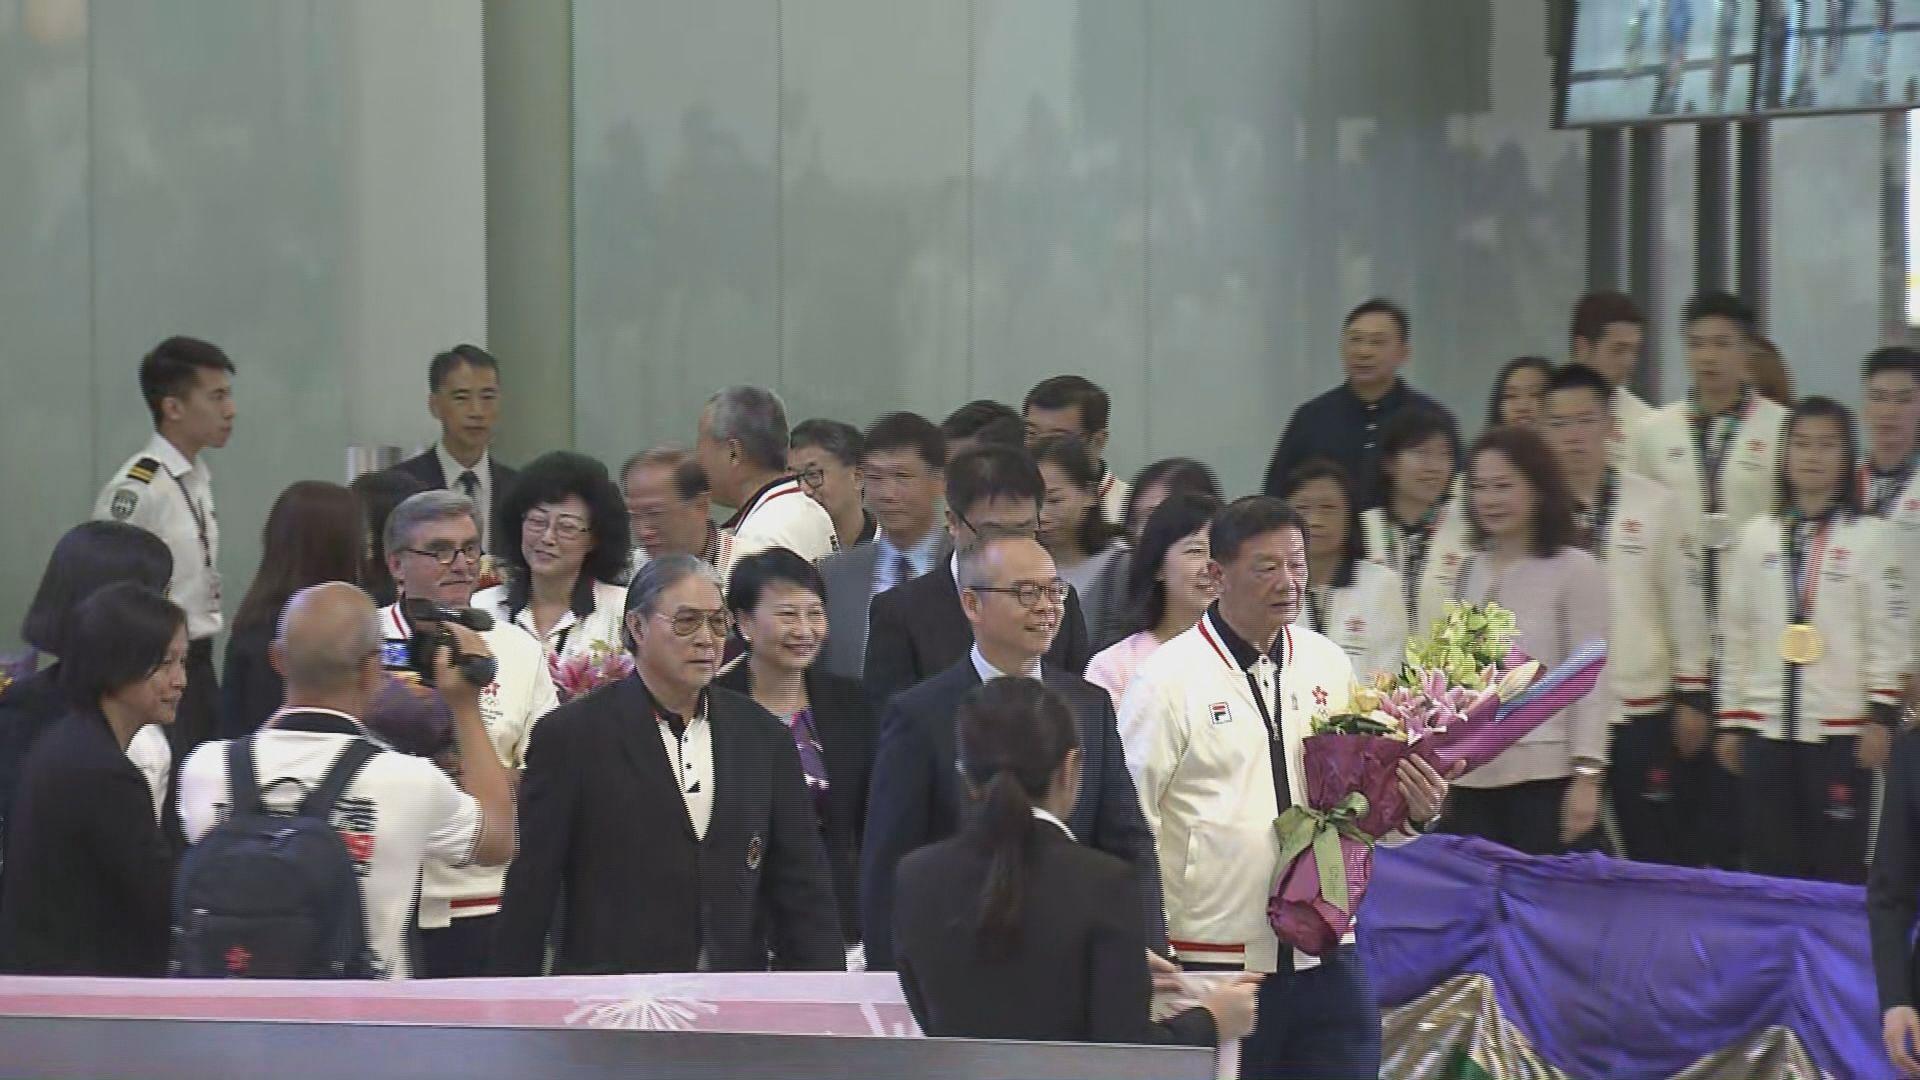 劉江華:今屆亞運香港隊成績令人振奮